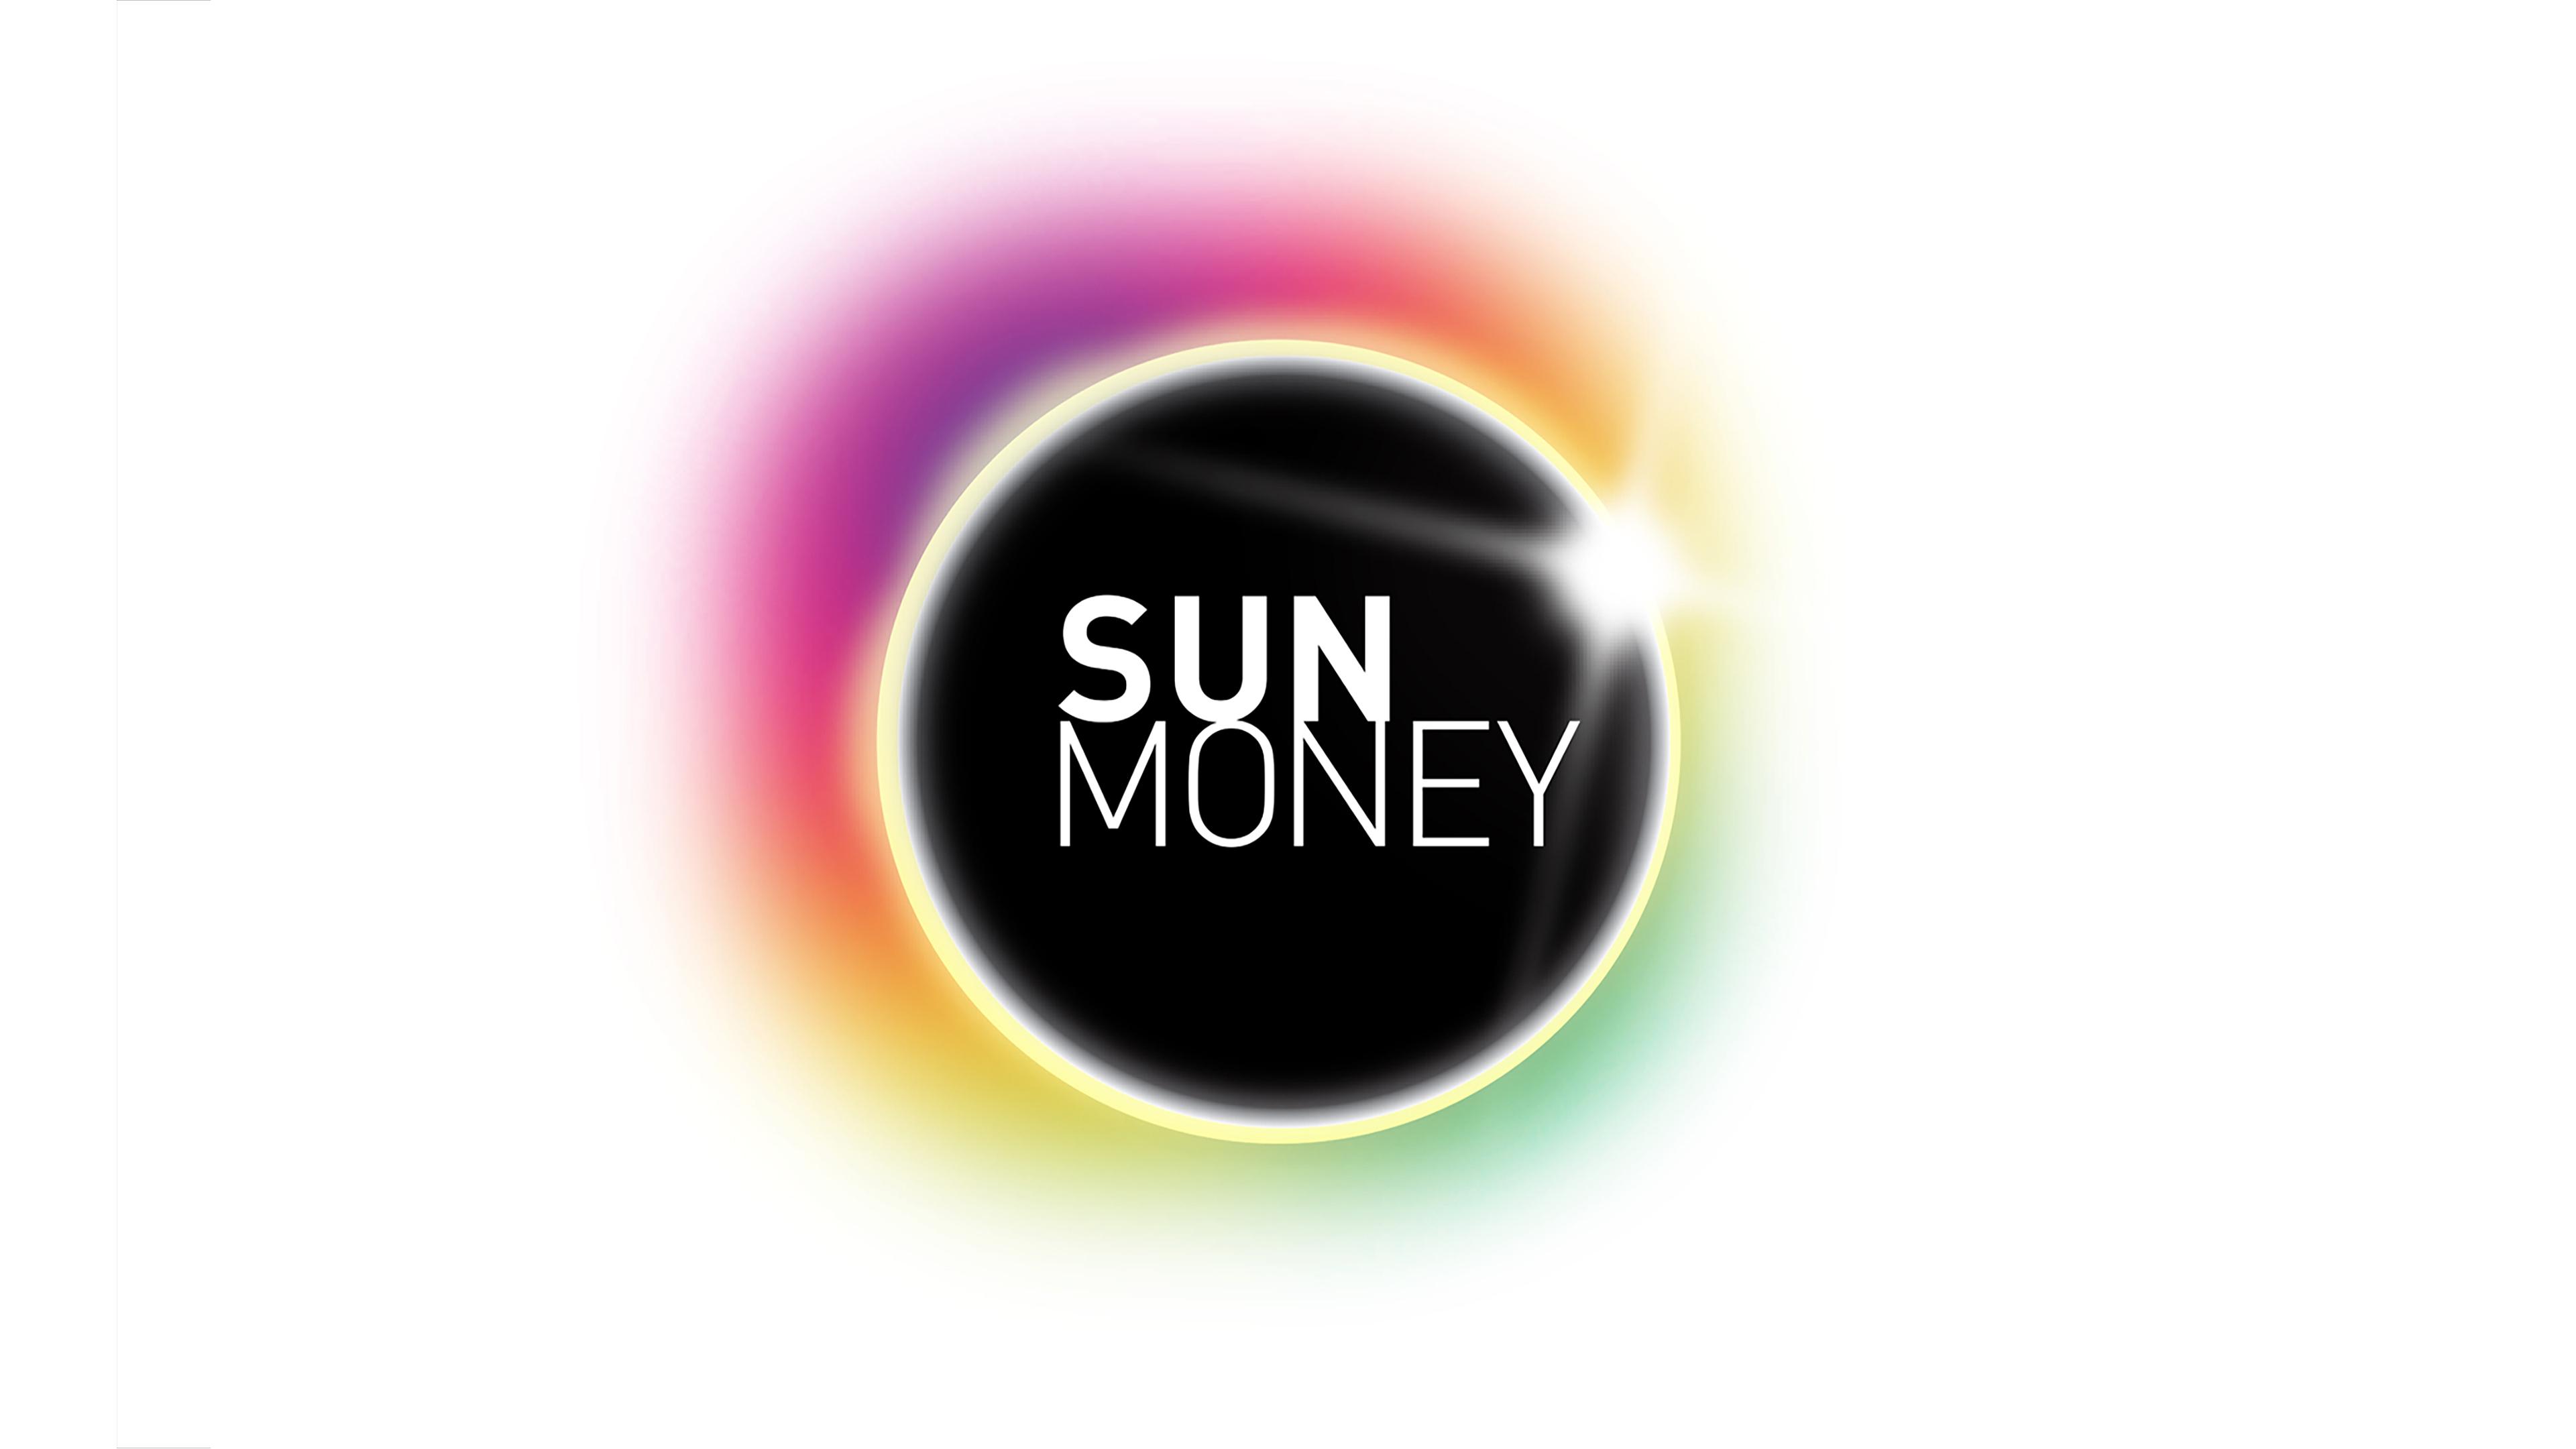 Sunmoney Solar